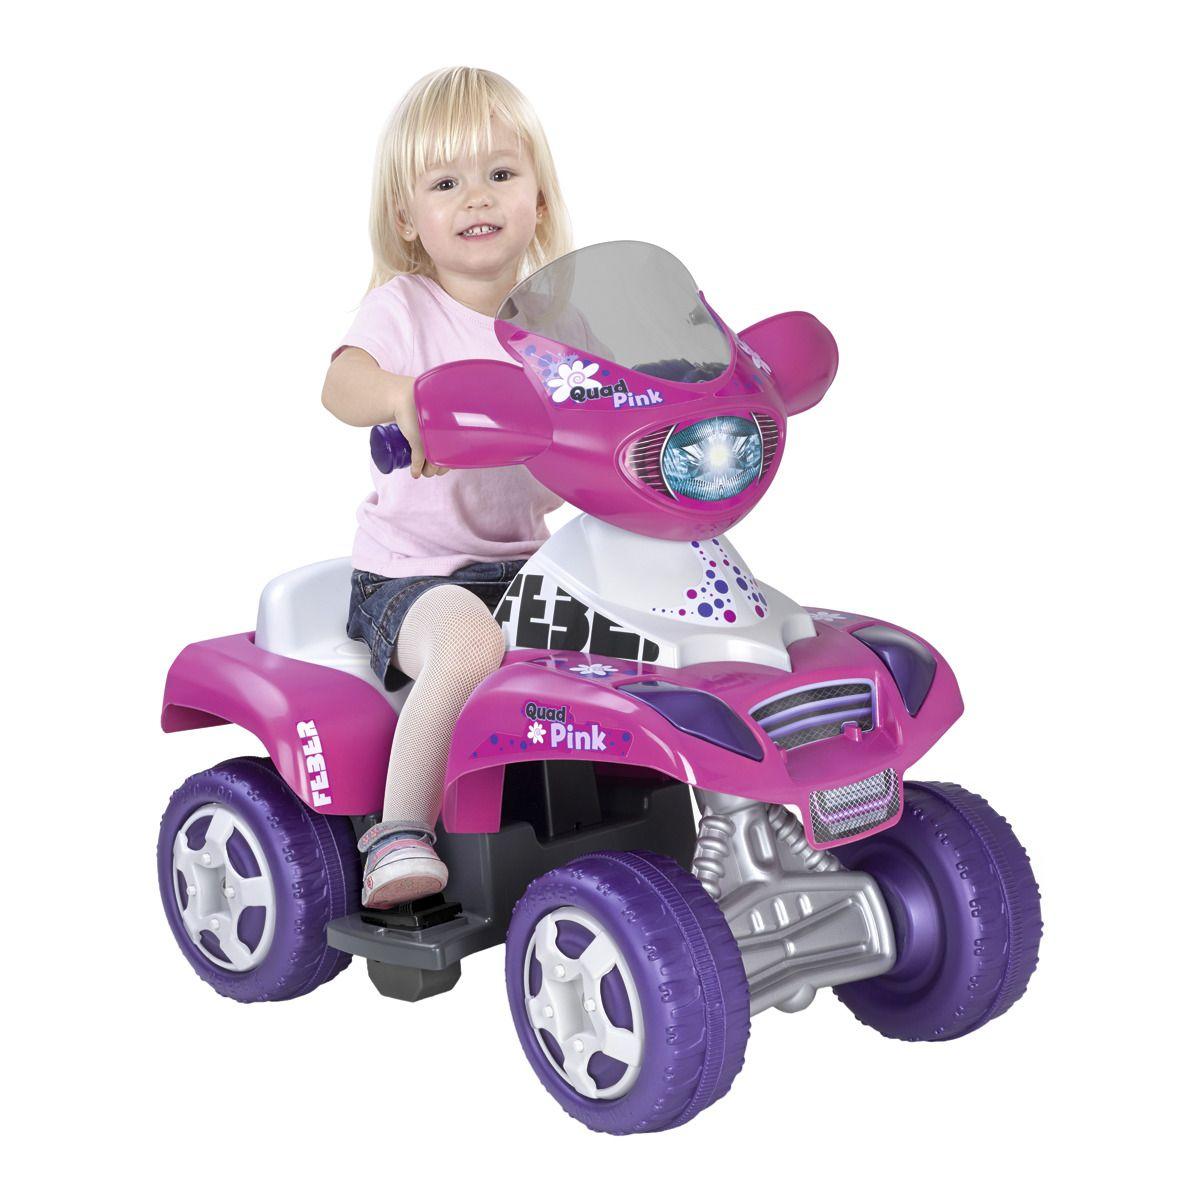 Quad eléctrico infantil 6v Kripton Pink. Feber 10444. Hecho